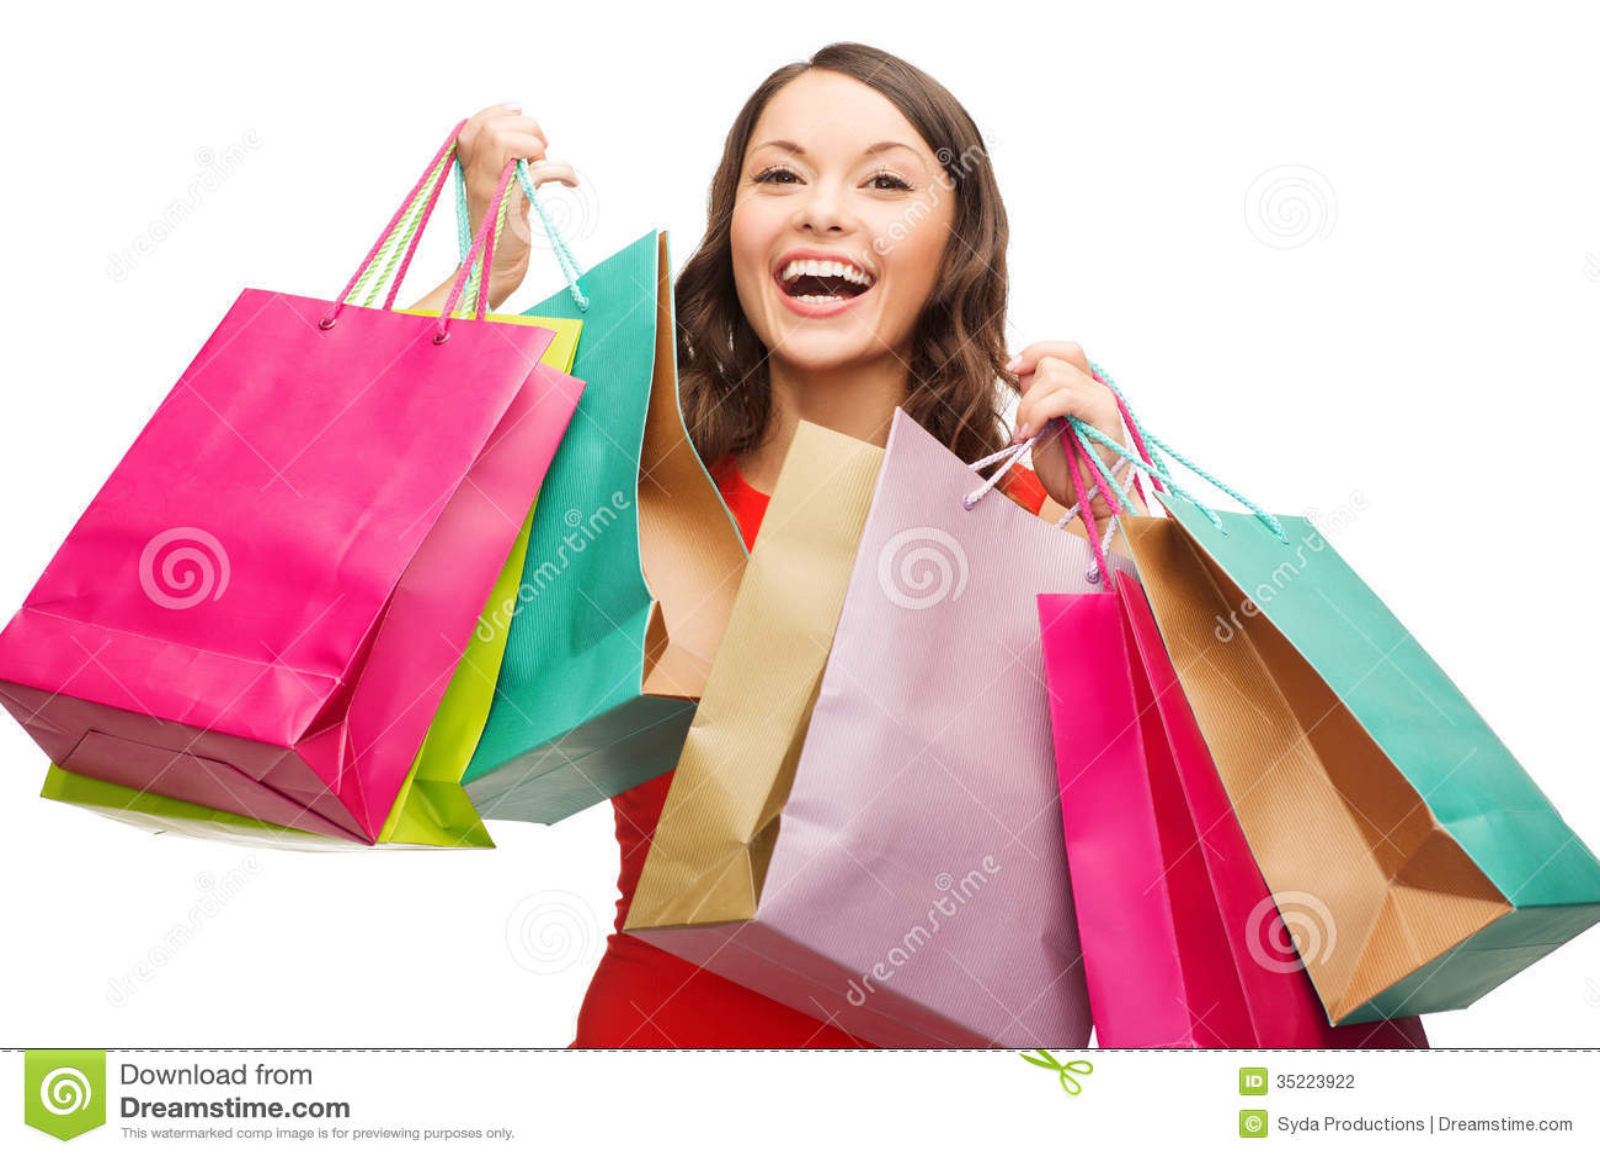 Frau im roten Kleid mit bunten Einkaufstaschen